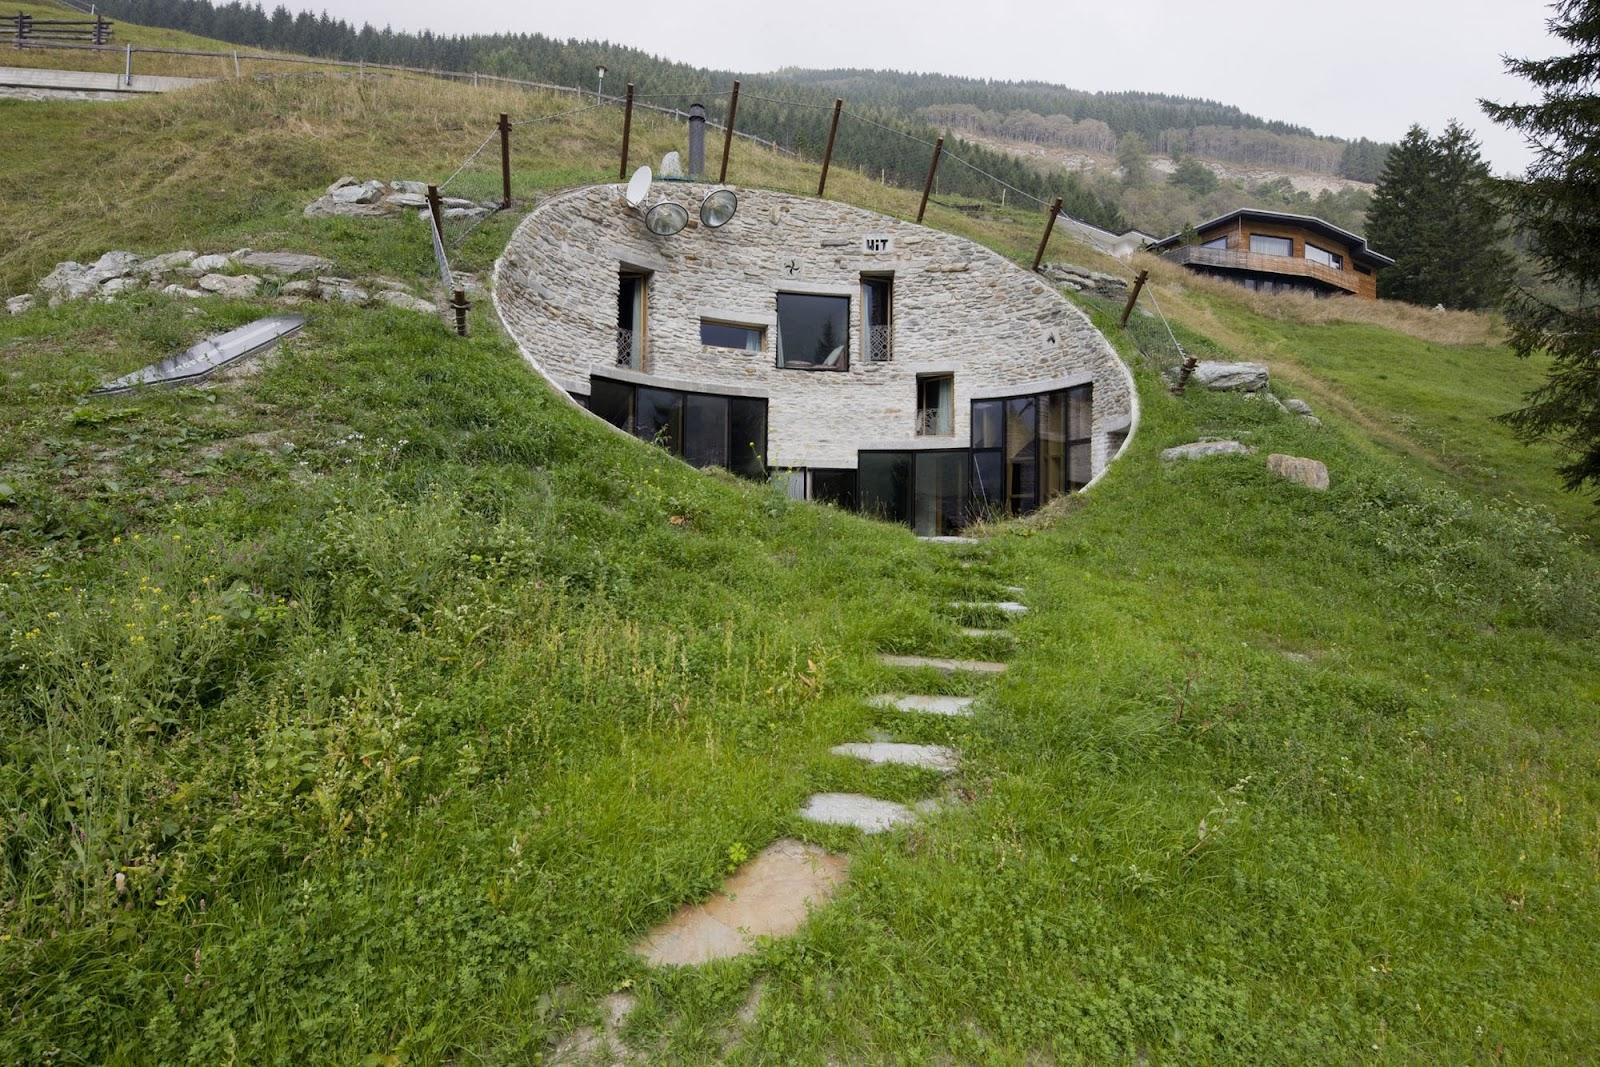 Casa-cueva-soterrada-materiales-sostenibles